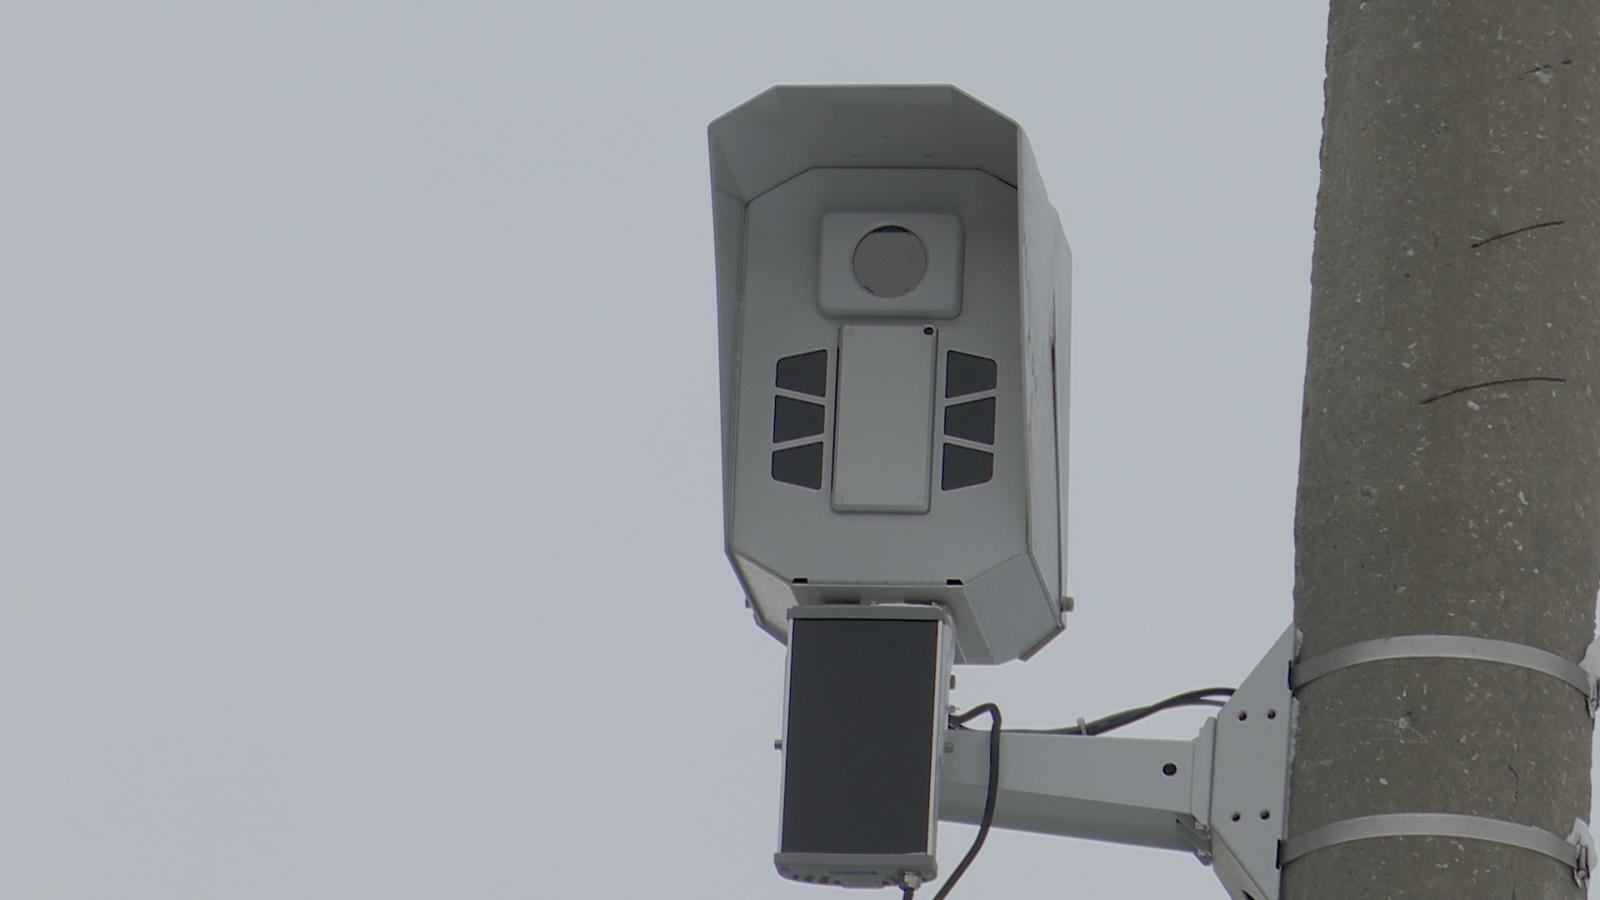 В Советском районе водителей предупредили о фотоловушке на автовокзале